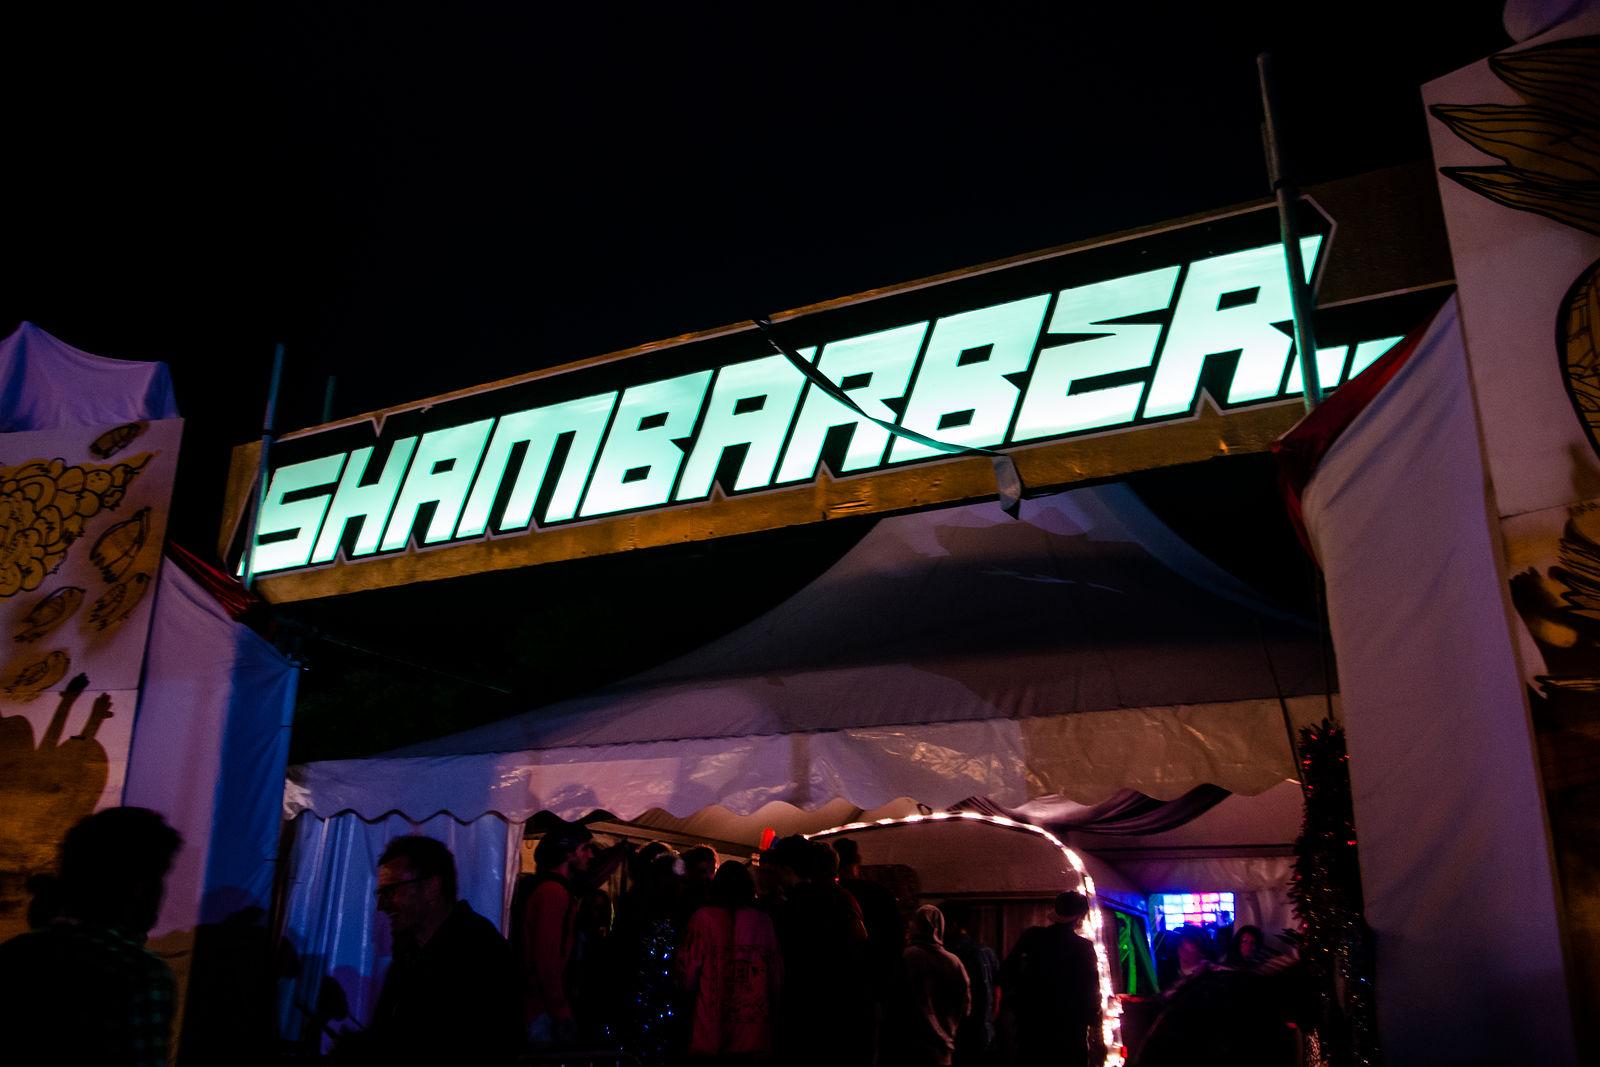 Shambarber